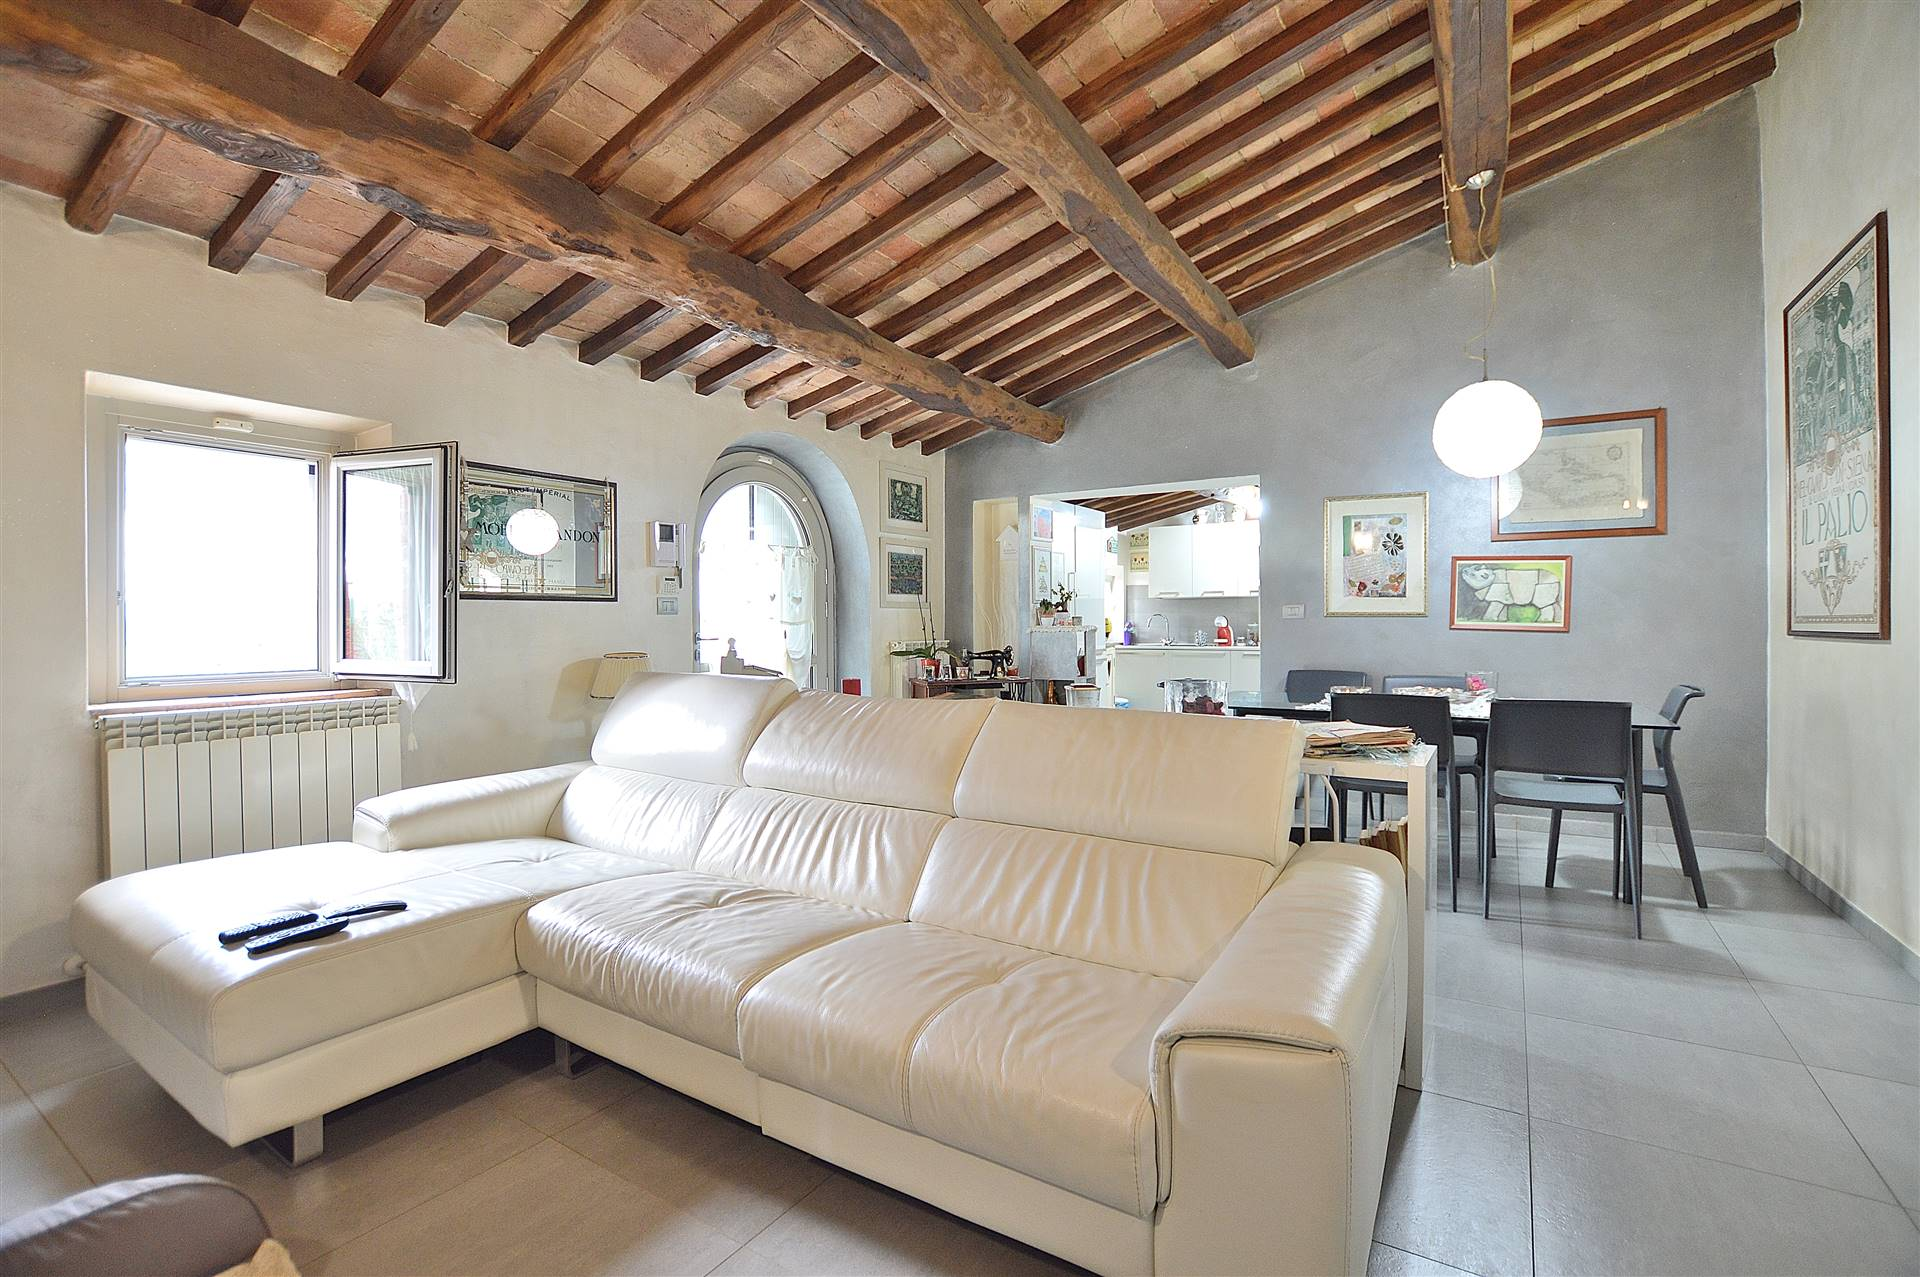 A ca. 7 km da Siena, in antico complesso colonico vendesi appartamento finemente ristrutturato al piano terra servito da giardino esclusivo di 700 mq. La ristrutturazione è stata effettuata